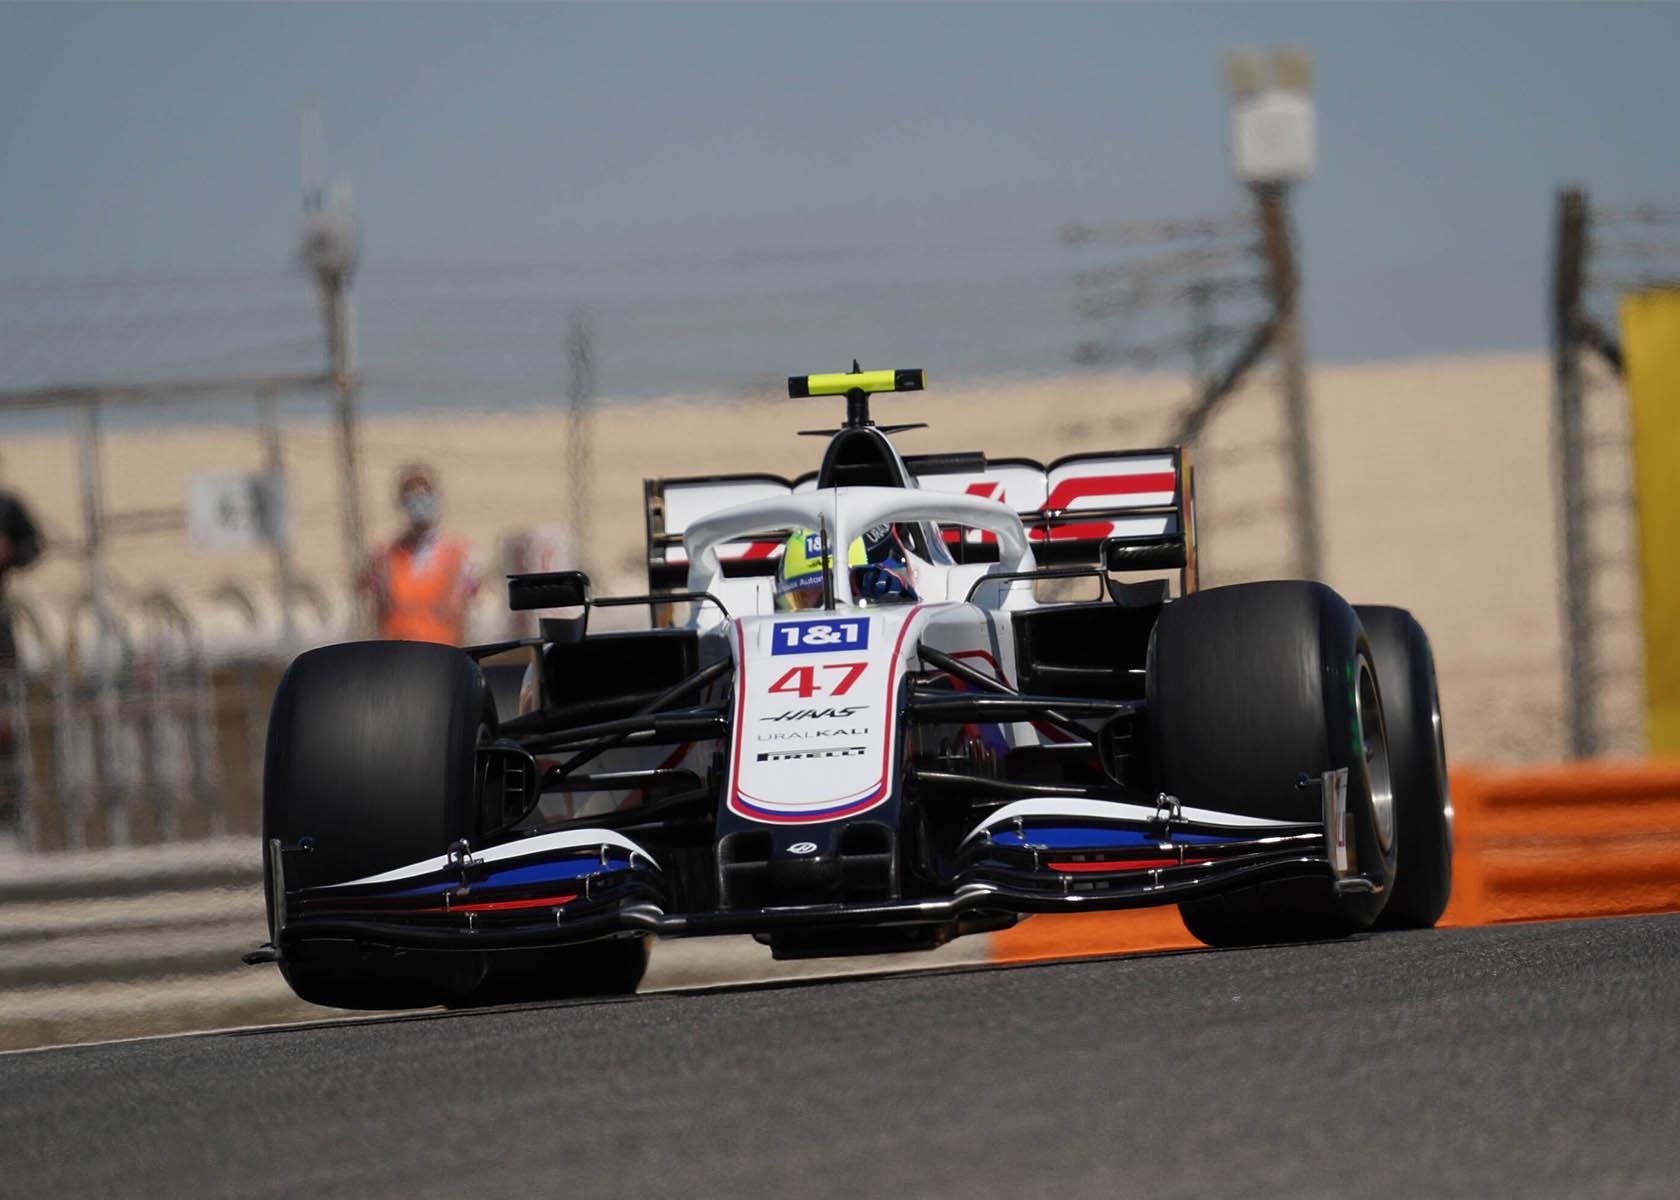 Formel 1 Saisonstart mit Mick Schumachers Debüt